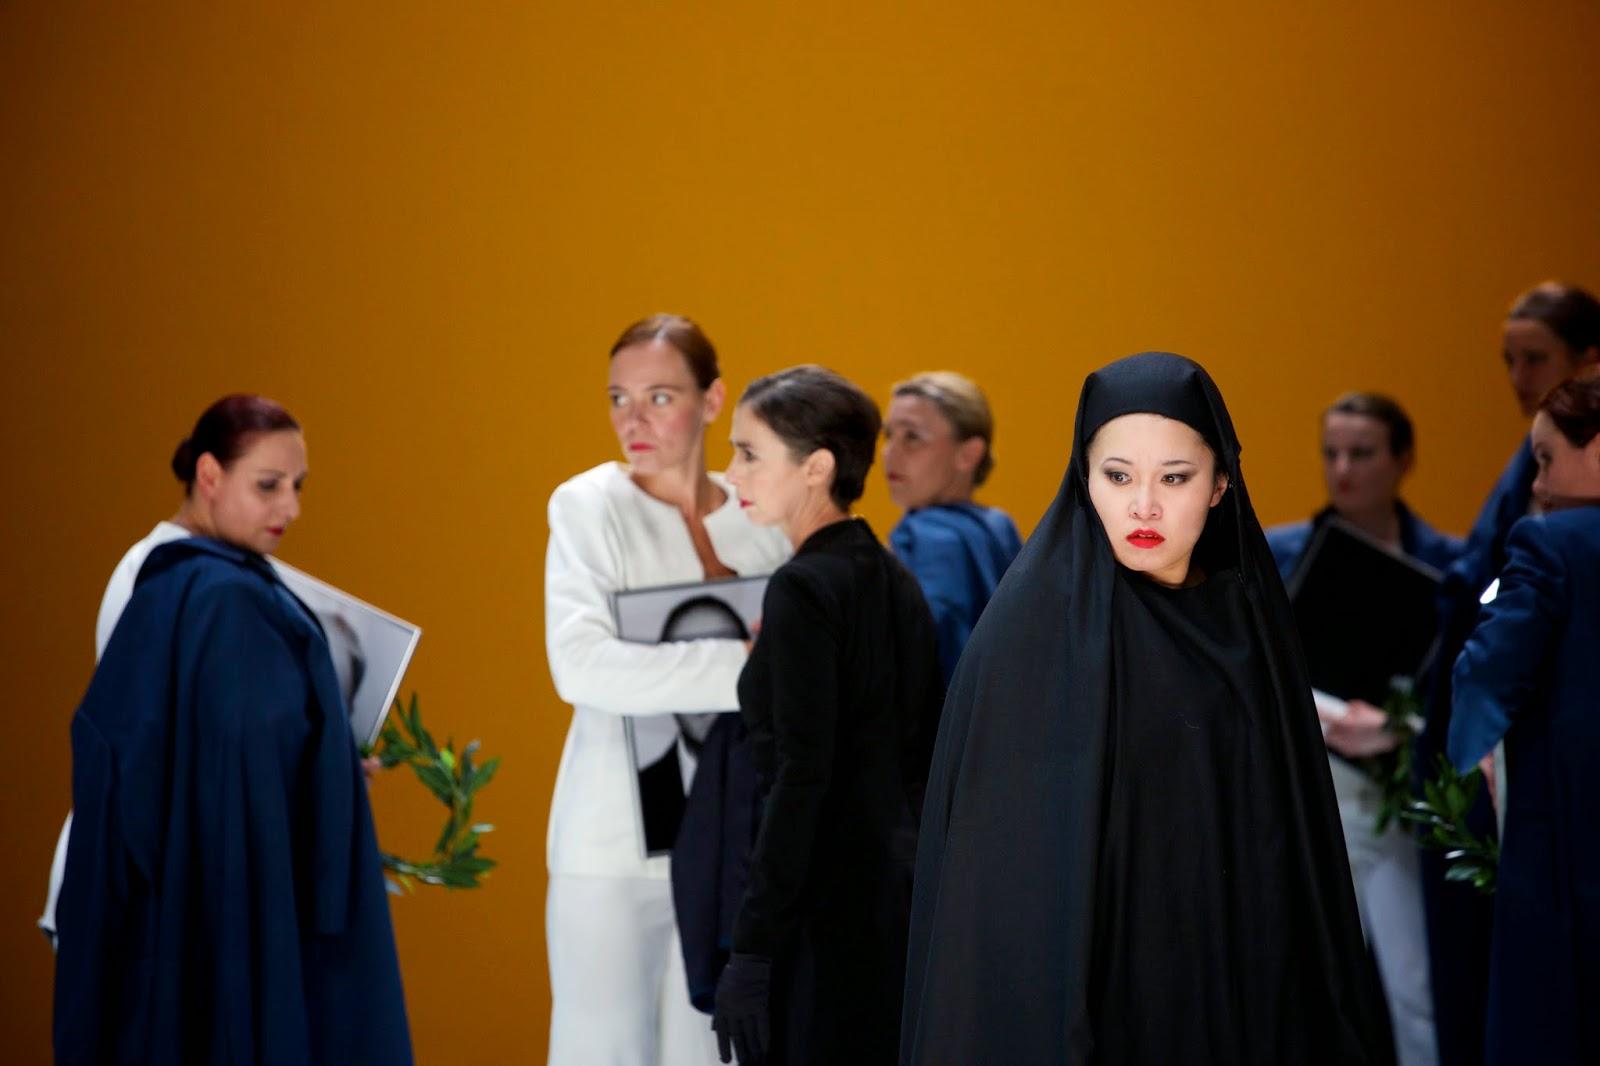 Sortir à Munich : Agenda 2014 des opéras à Munich 28